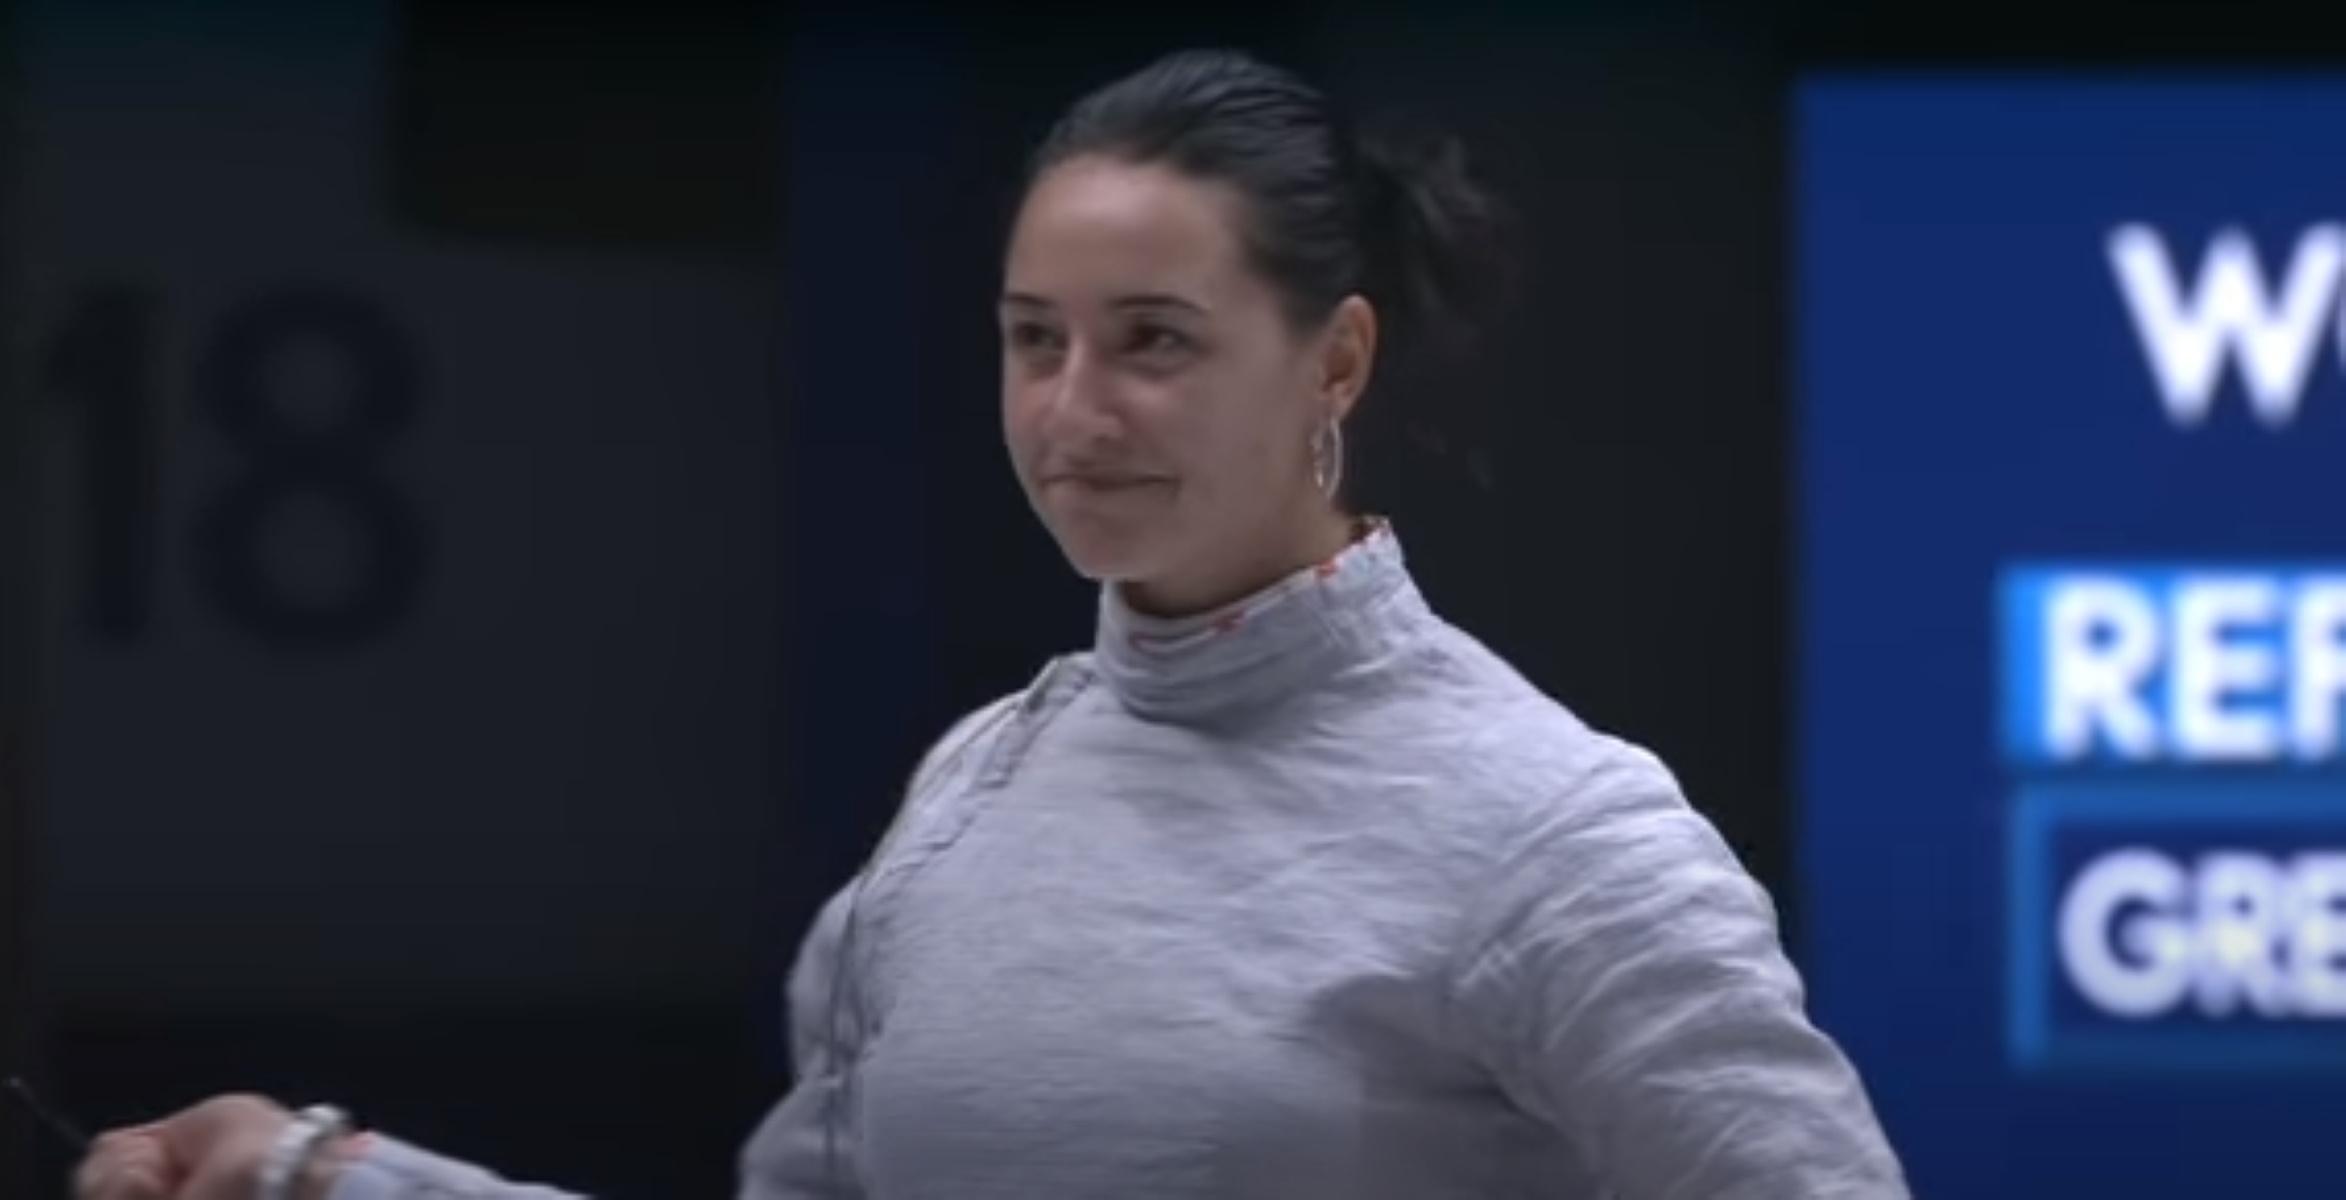 """Θύμα… ληστείας """"χρυσή"""" Ολυμπιονίκης της ξιφασκίας, που εξουδετέρωσε τον """"κλέφτη"""" (video)"""